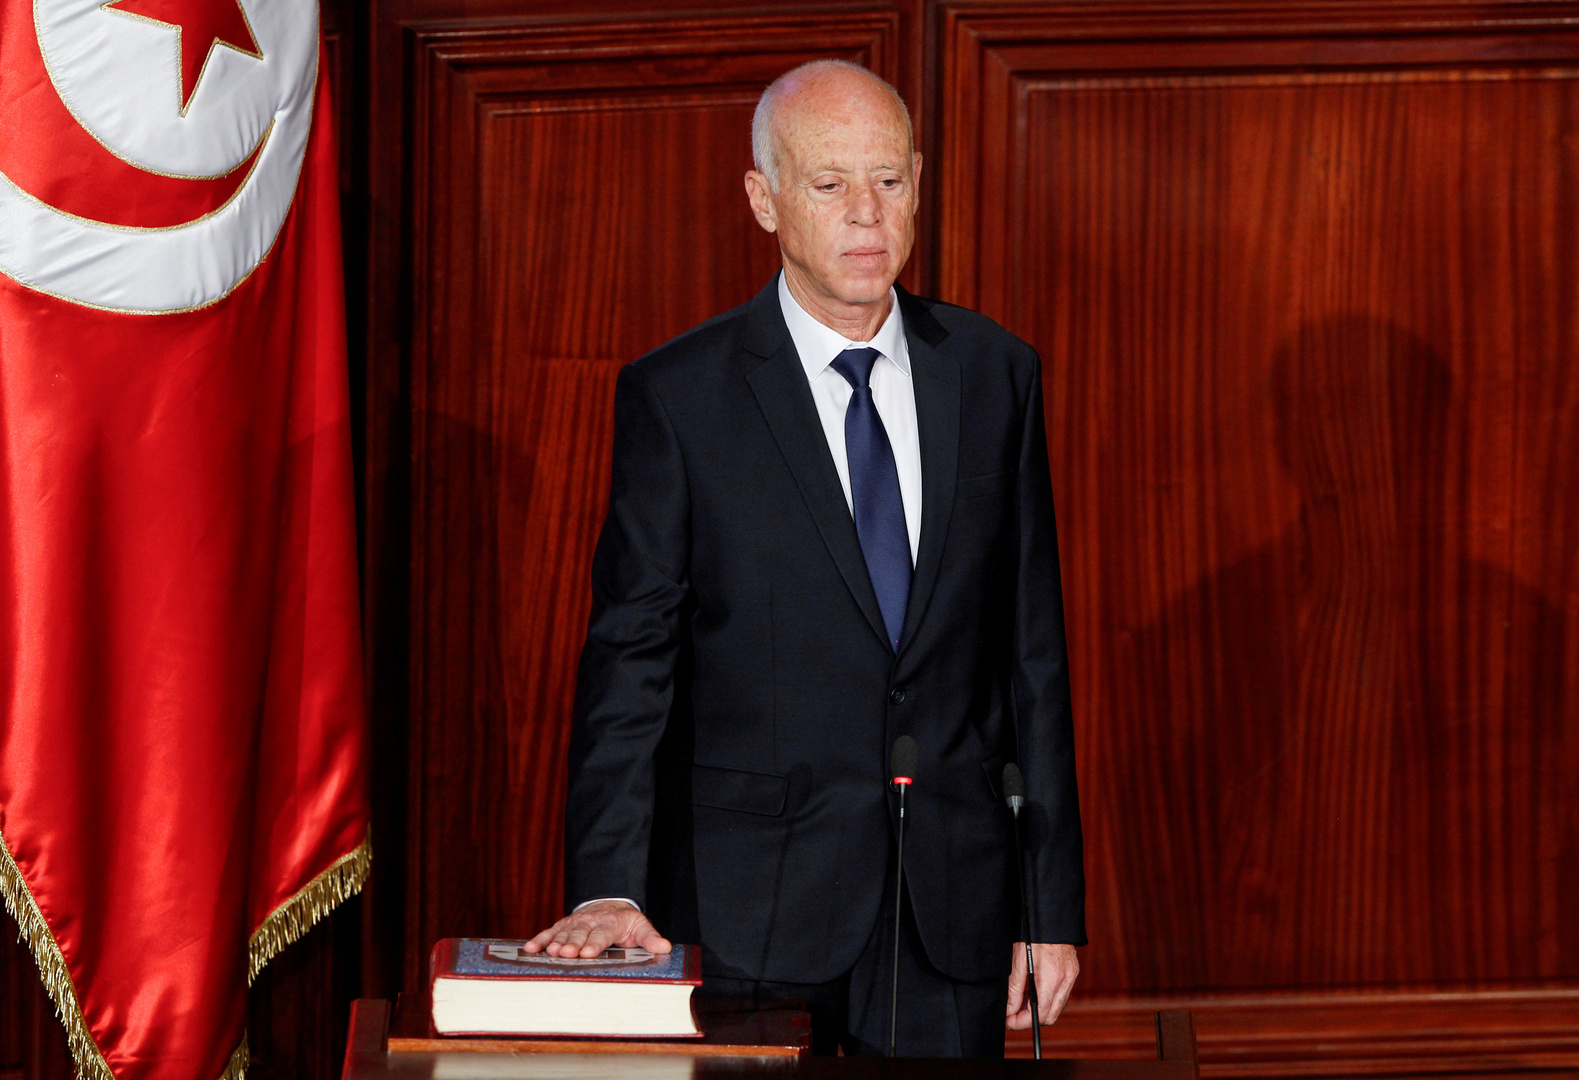 سعيّد: الحجر الصحي الشامل بكامل تونس غير ممكن